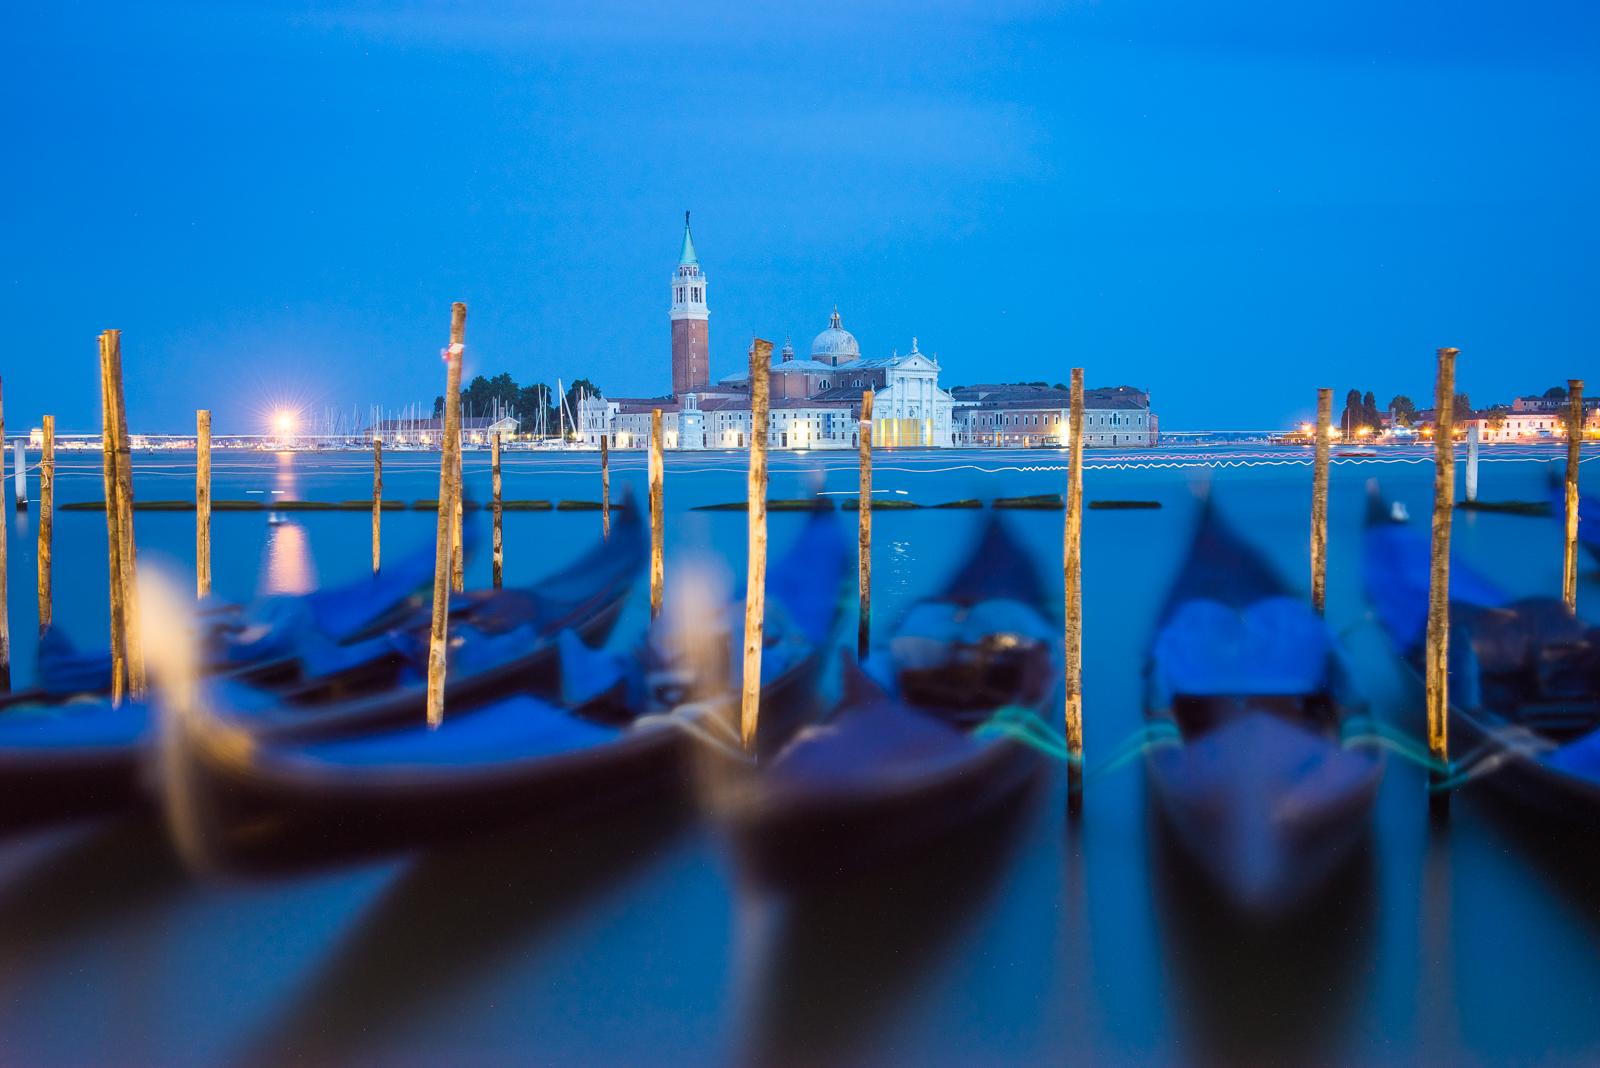 Gondolas | Venice, Italy